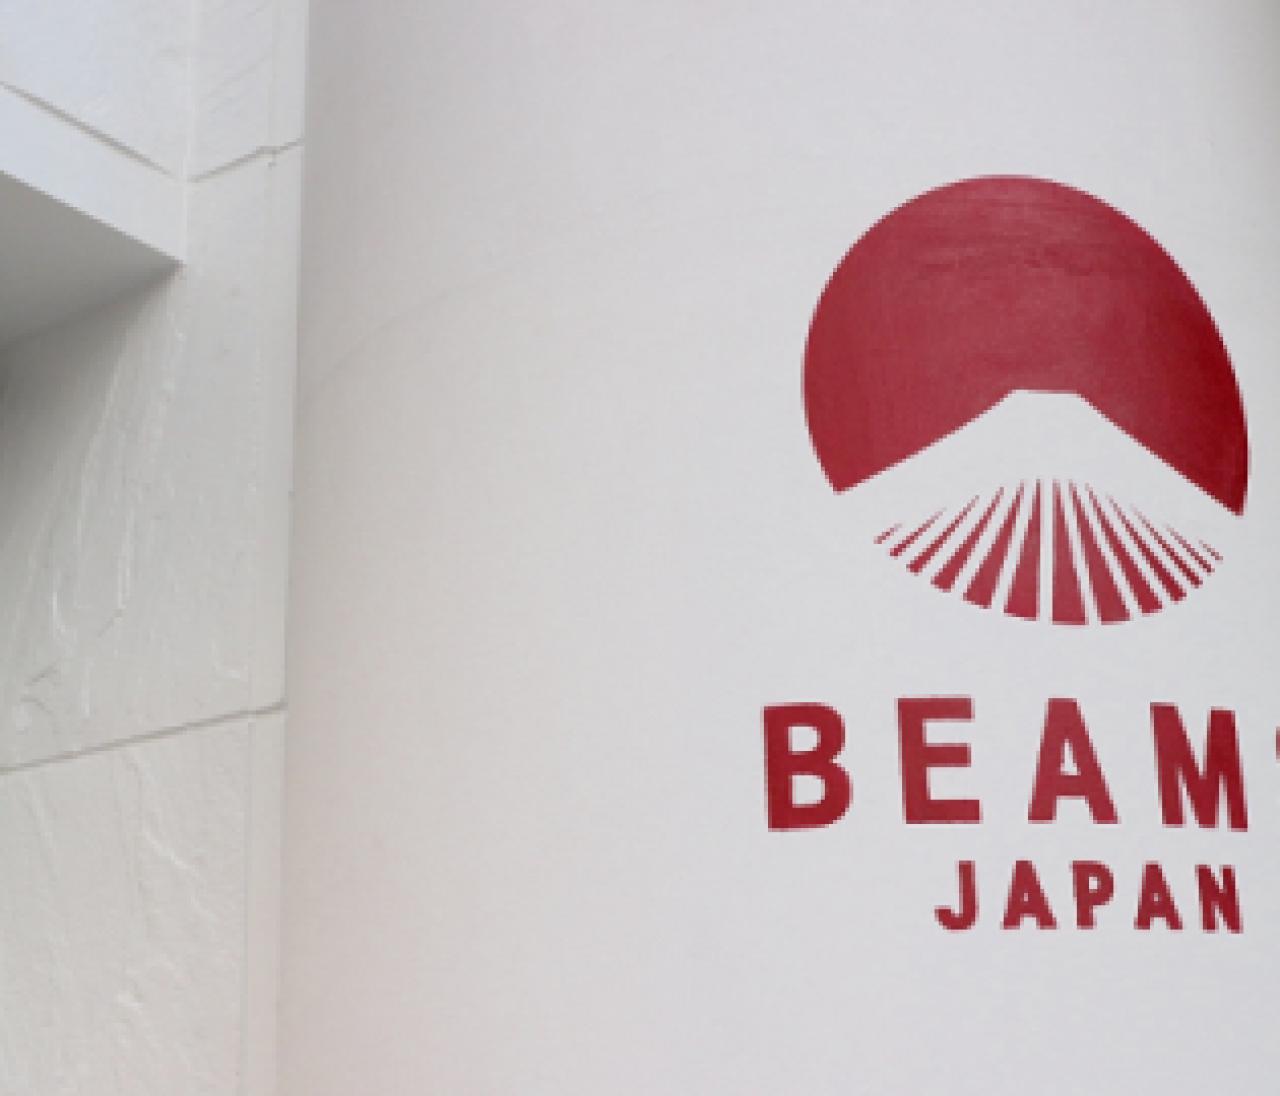 新宿のビームス ジャパンが楽しいらしい!